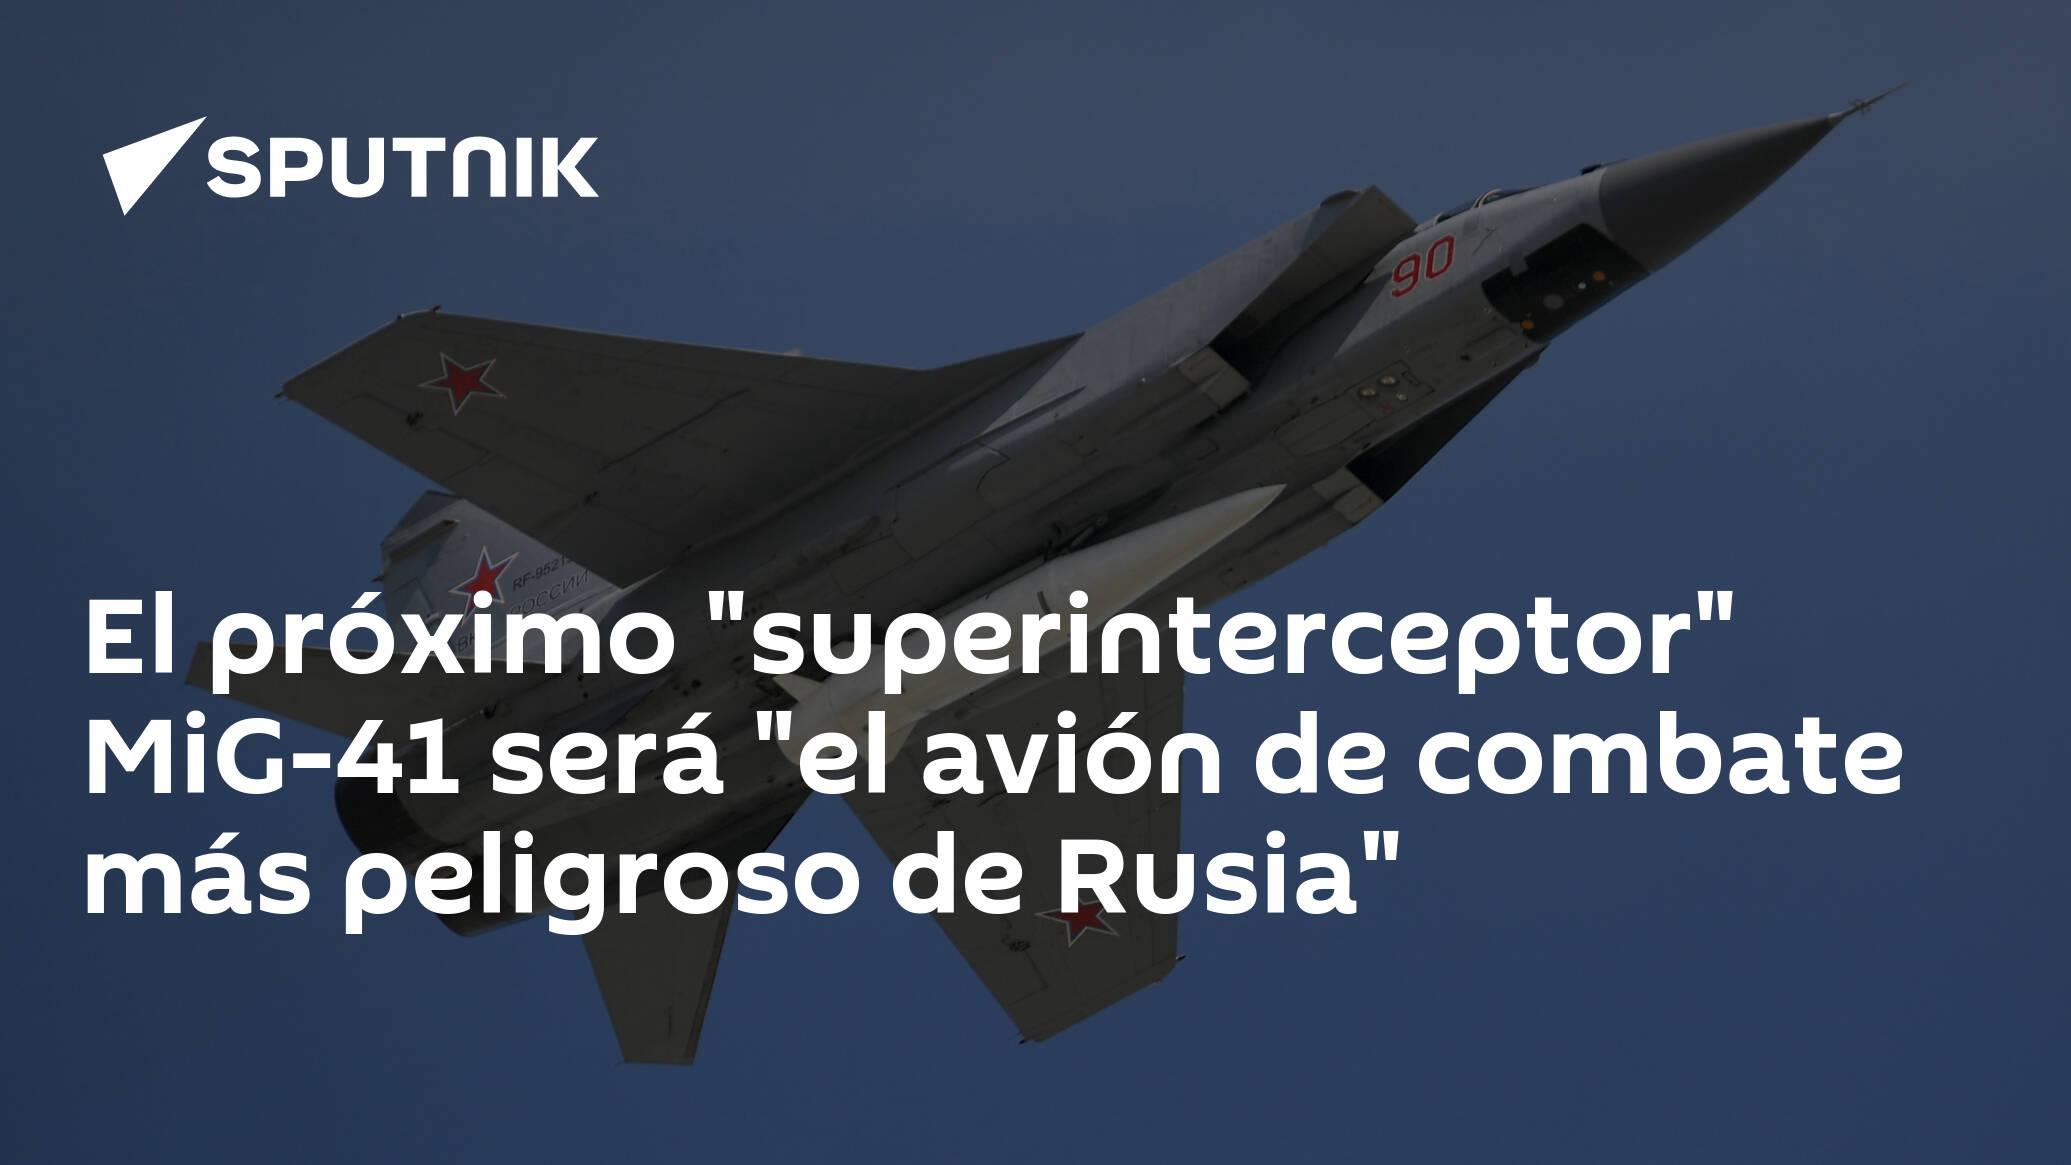 mundo.sputniknews.com